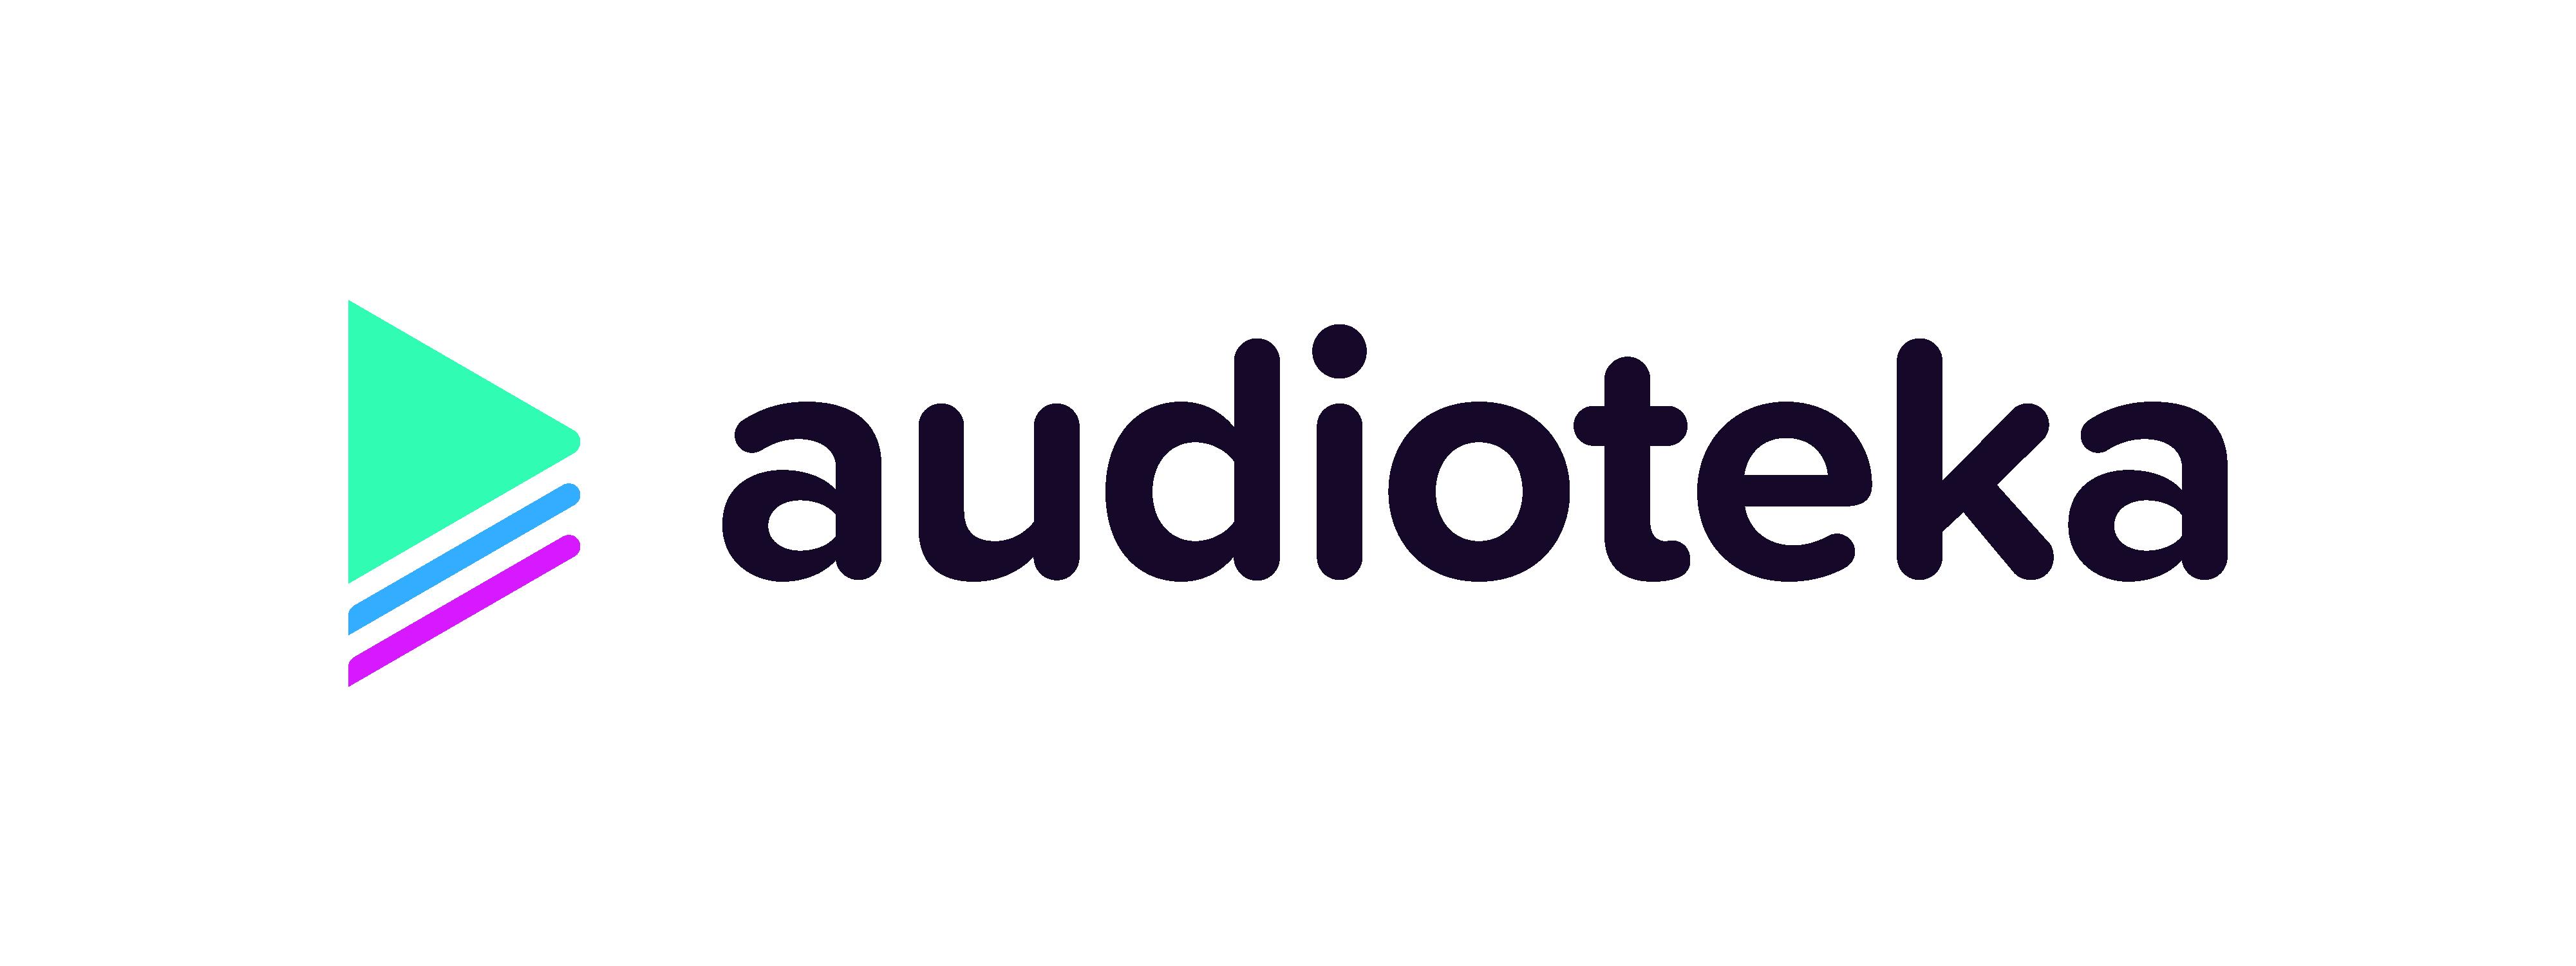 Audioteka.cz